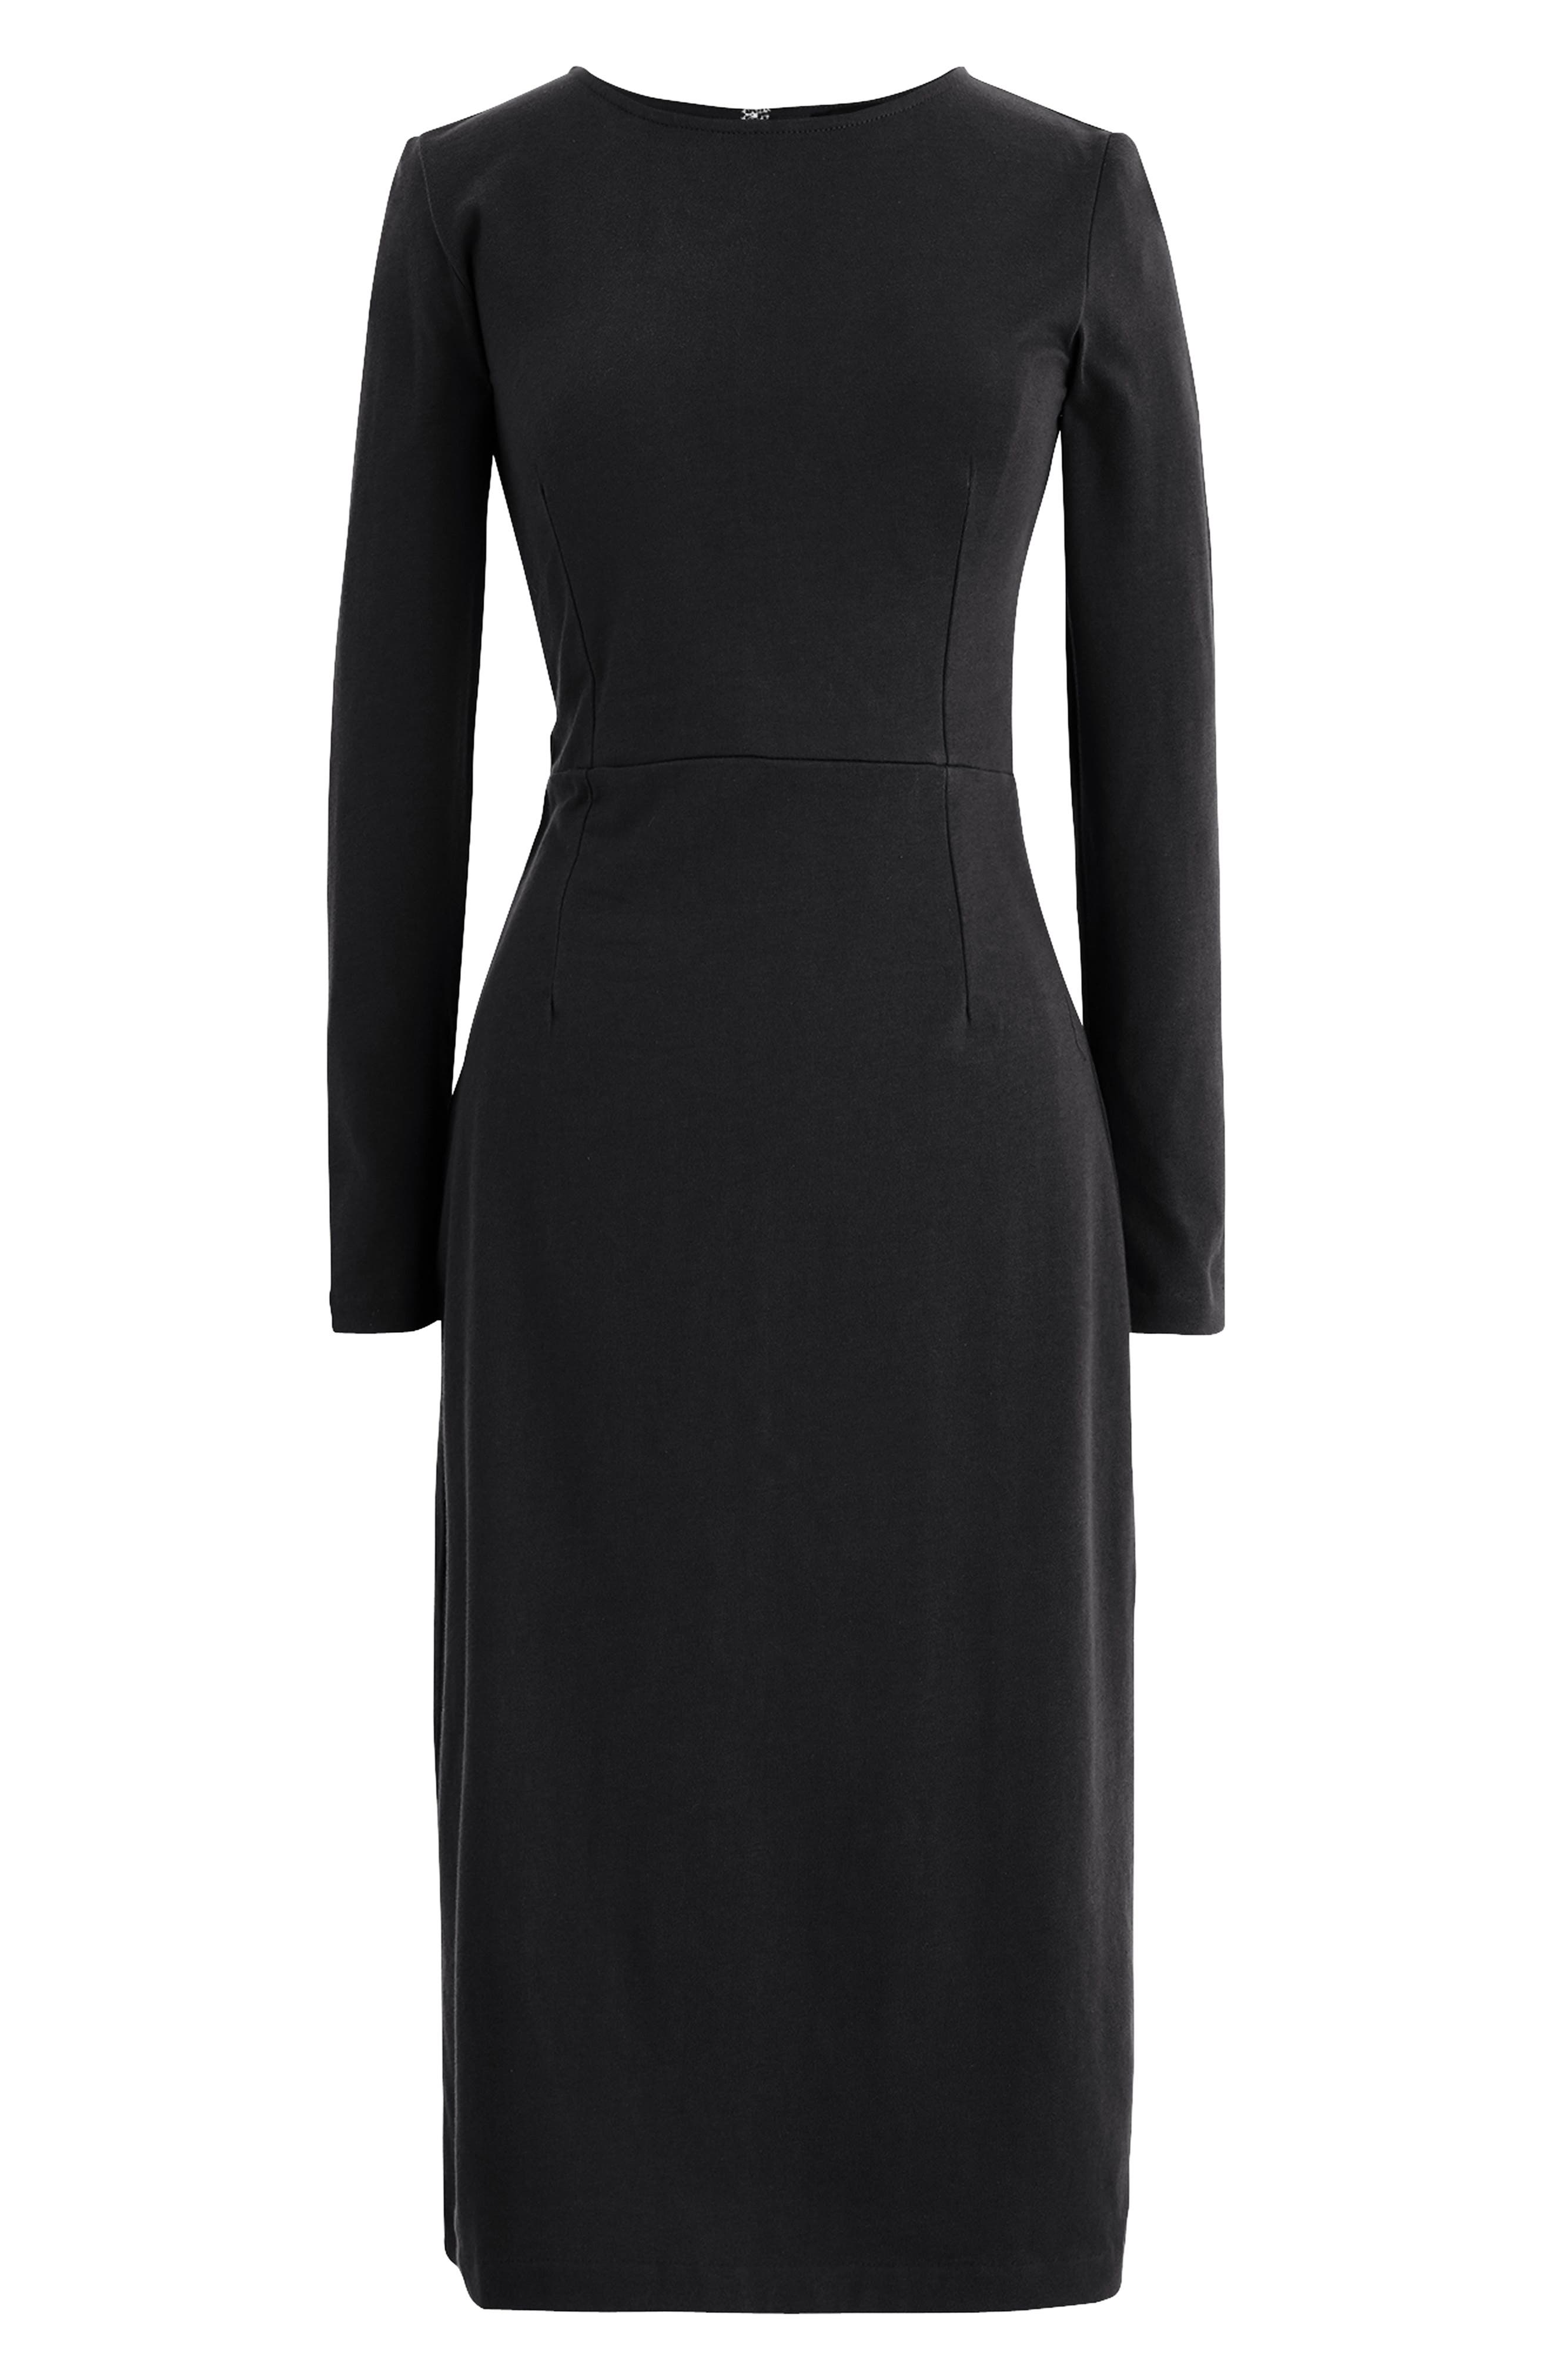 J.CREW, Knit Sheath Dress, Main thumbnail 1, color, BLACK